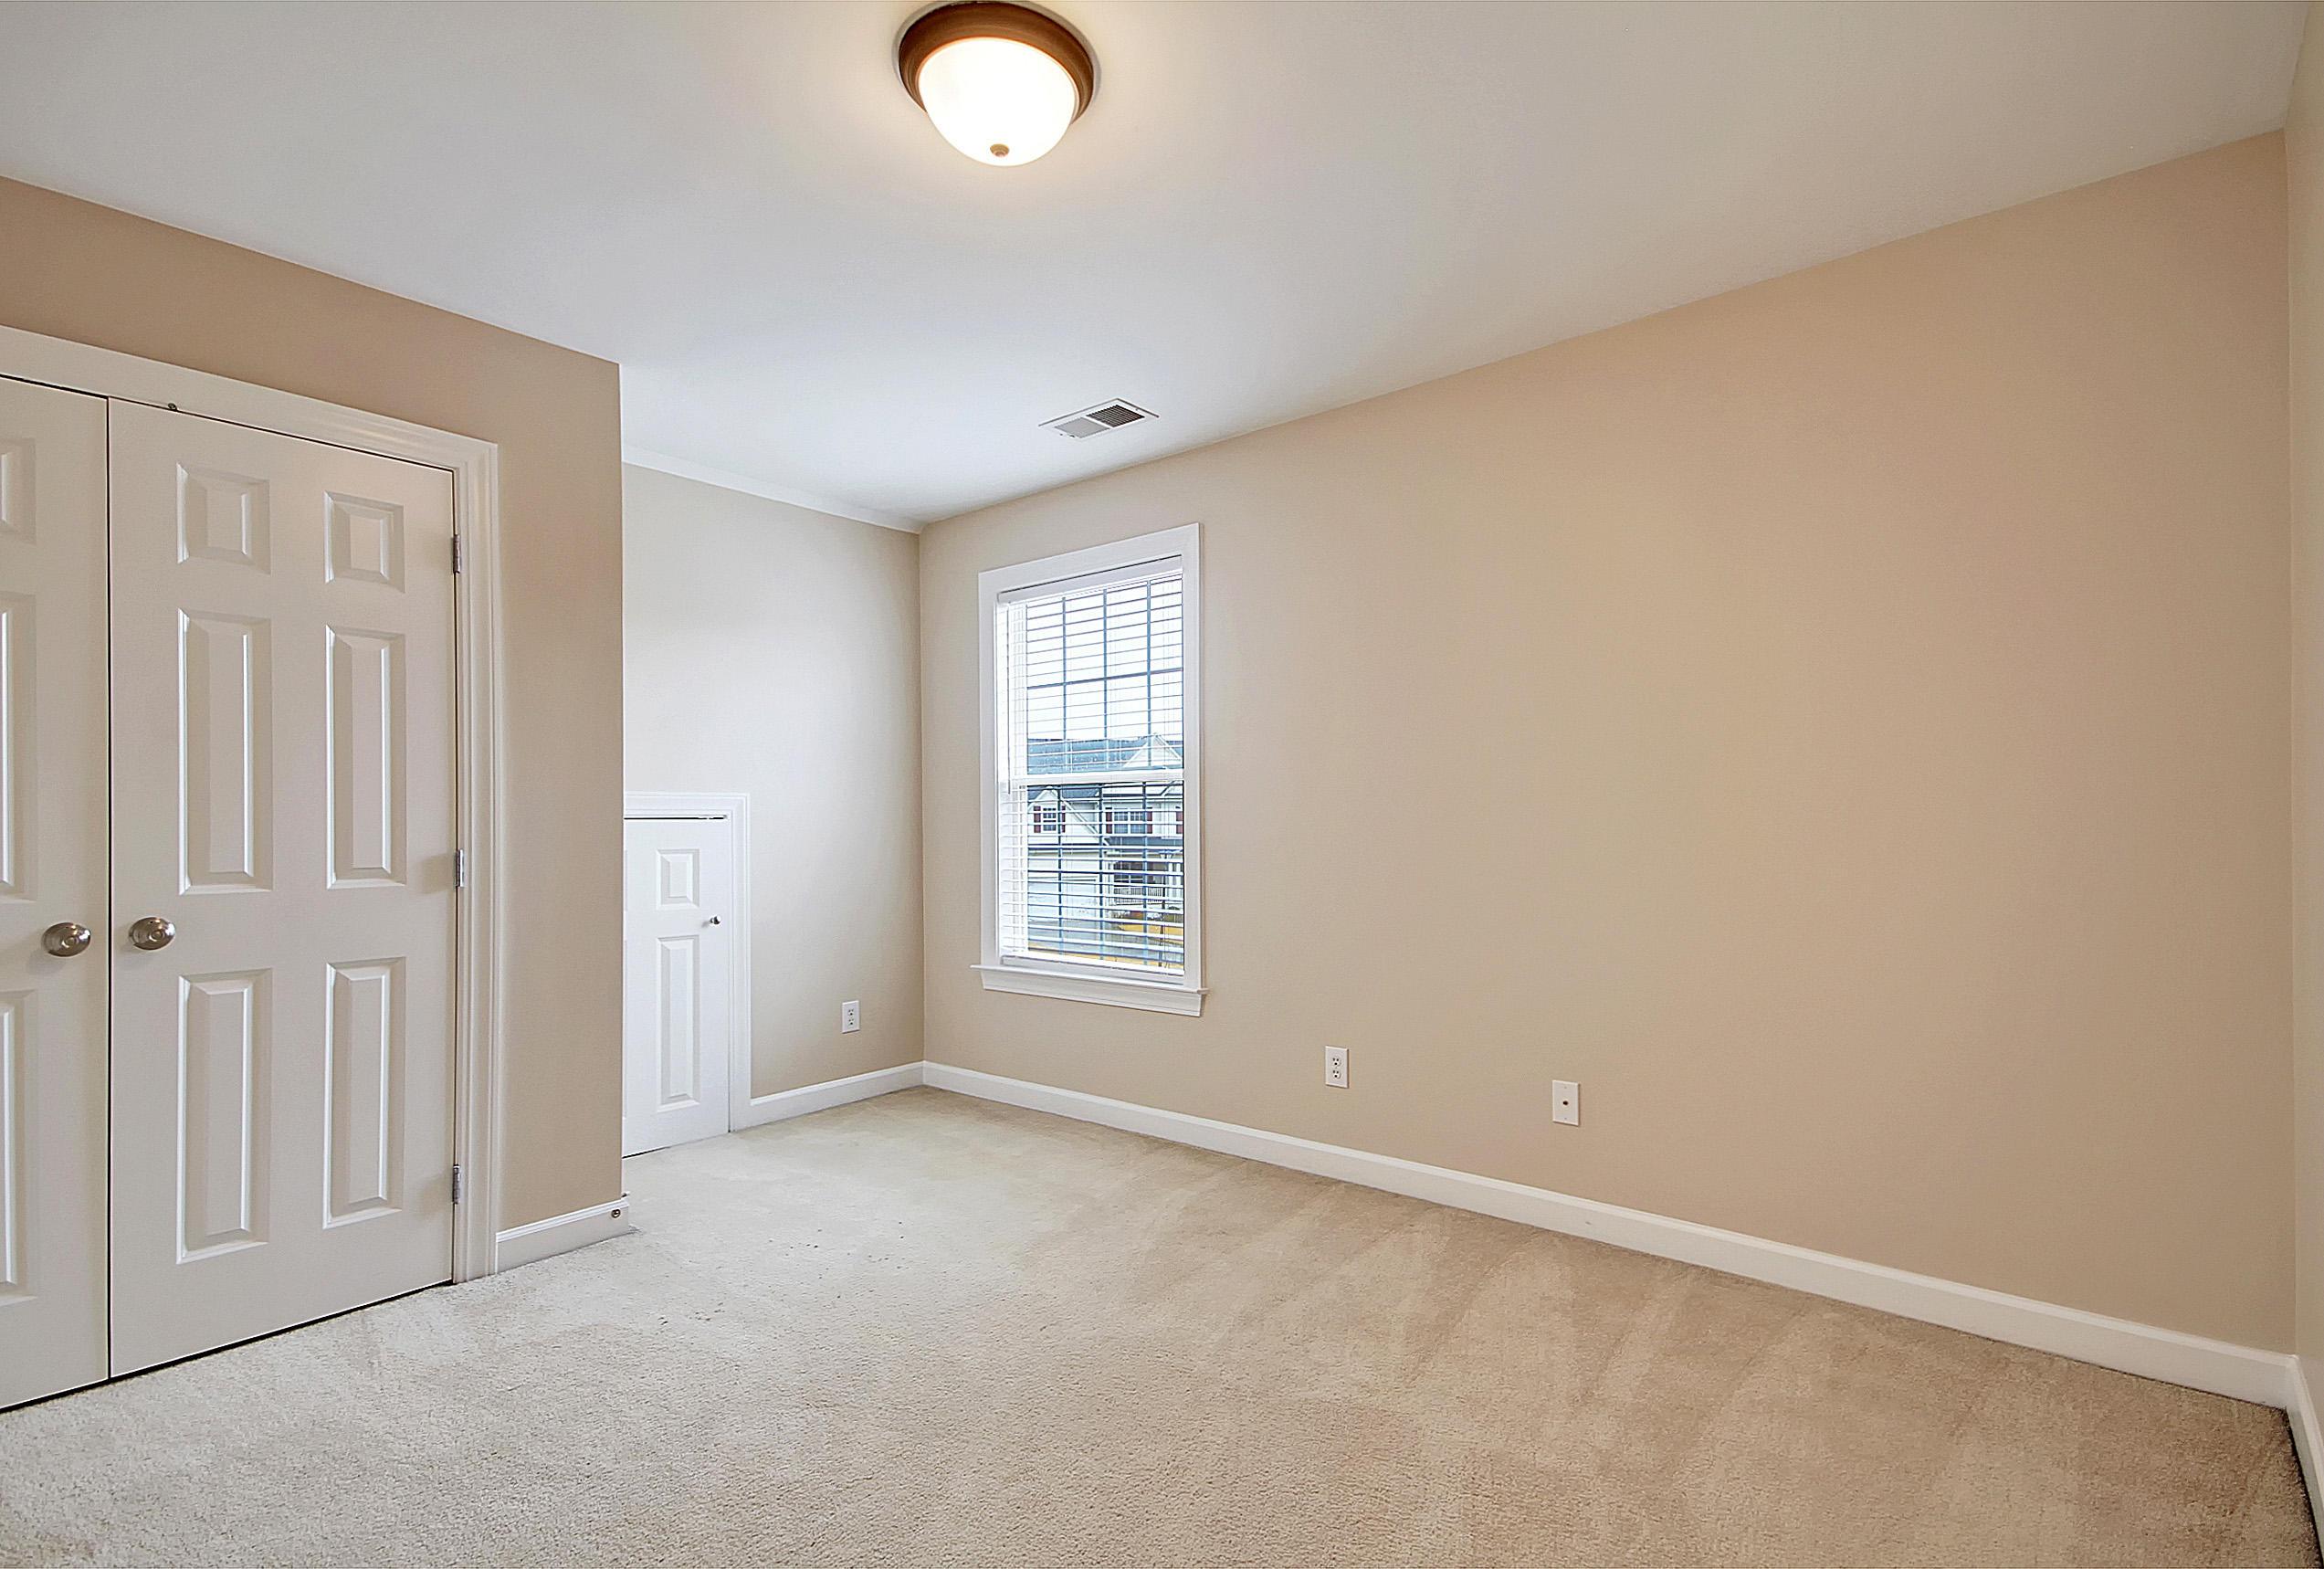 Dunes West Homes For Sale - 1501 Jacaranda, Mount Pleasant, SC - 3